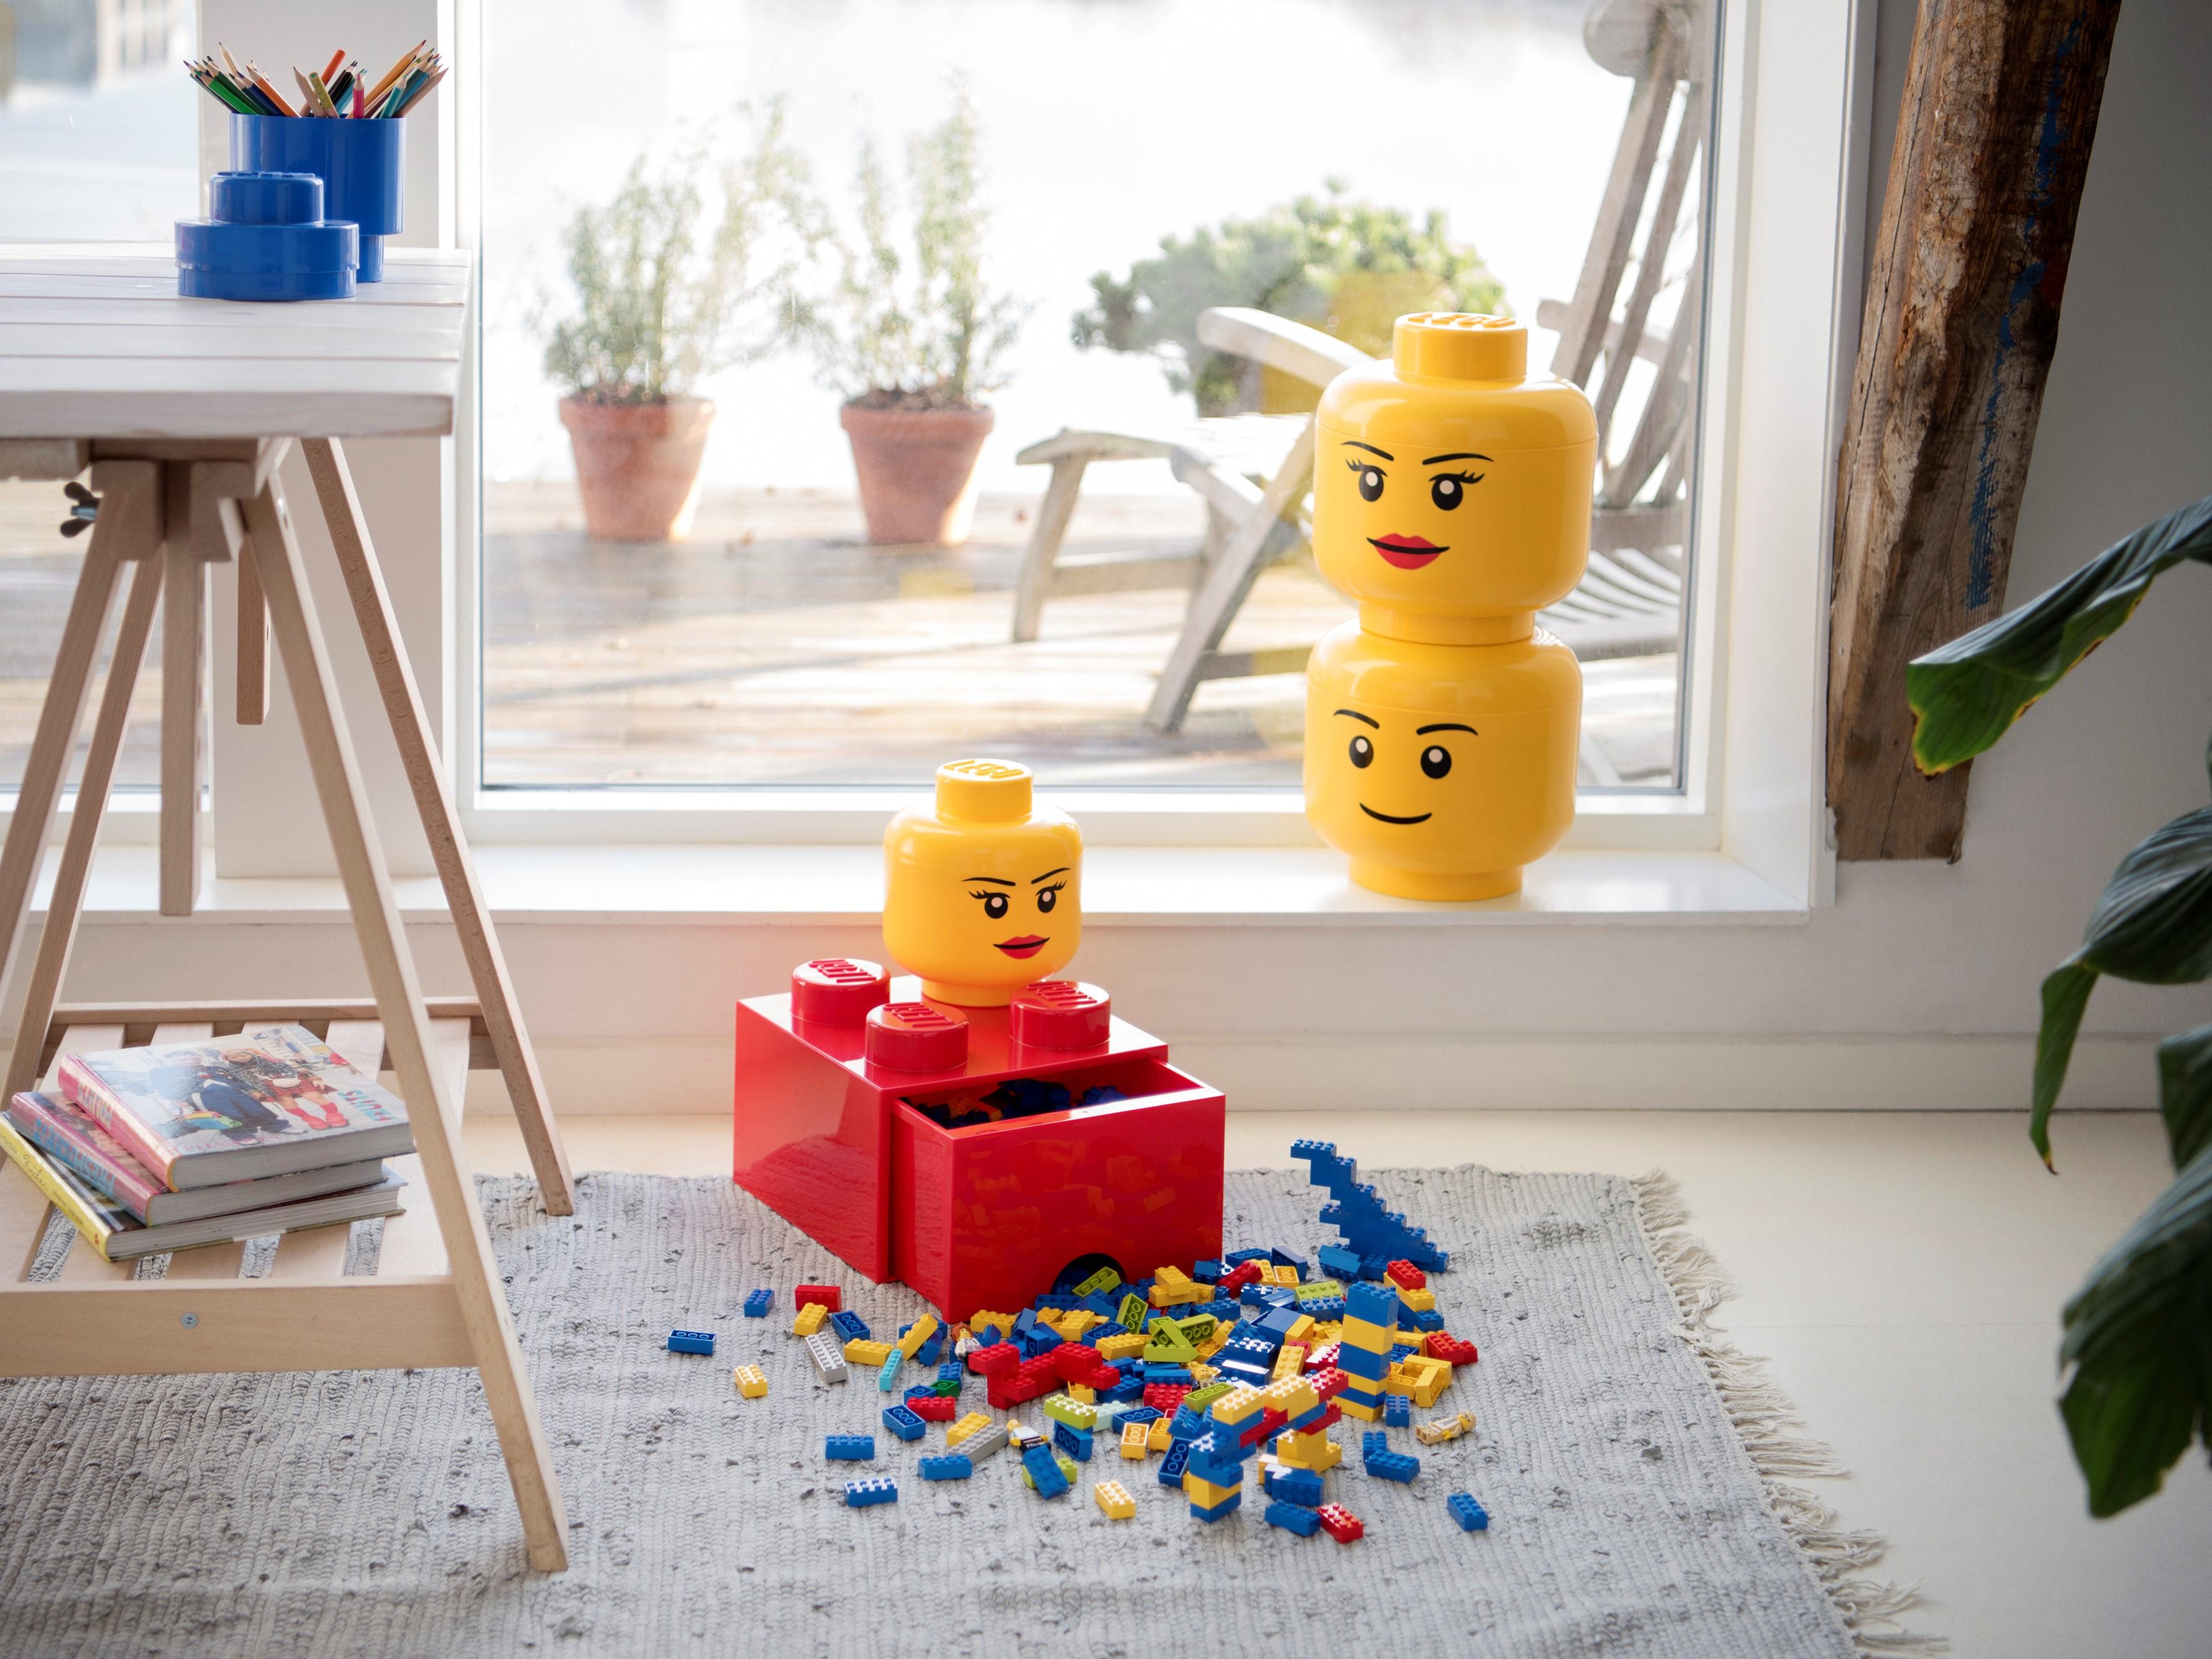 Boite De Rangement En Forme De Tete Version Garcon Lego Grande 5005528 Divers Boutique Lego Officielle Fr